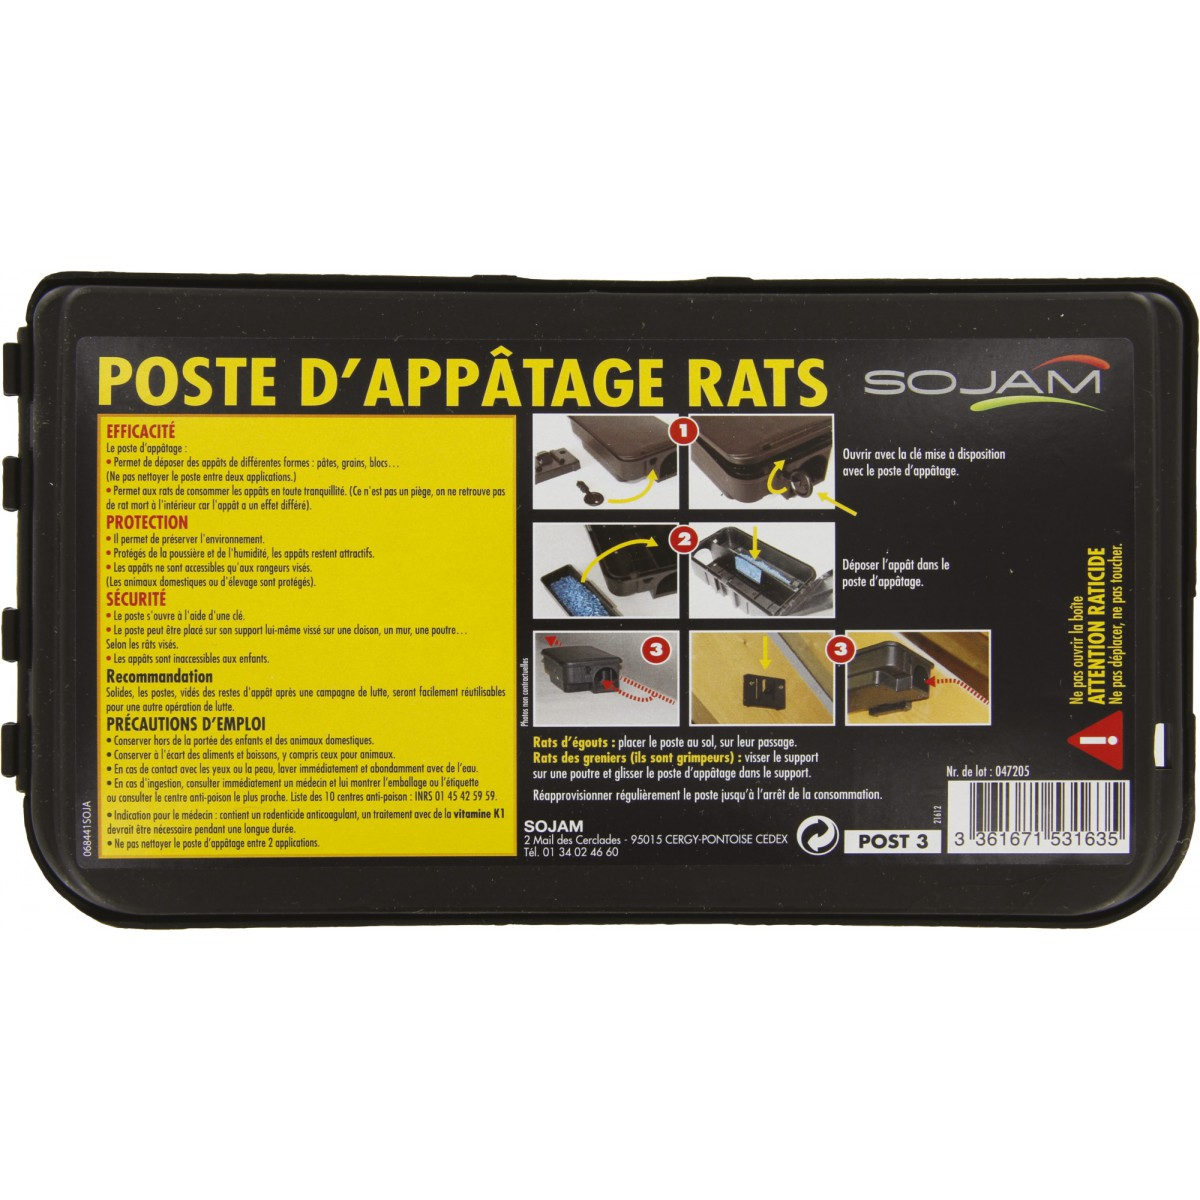 Homme Chat Rat Salle De Bain ~ poste d appatage retro rat de poste d appatage 1072198 mon